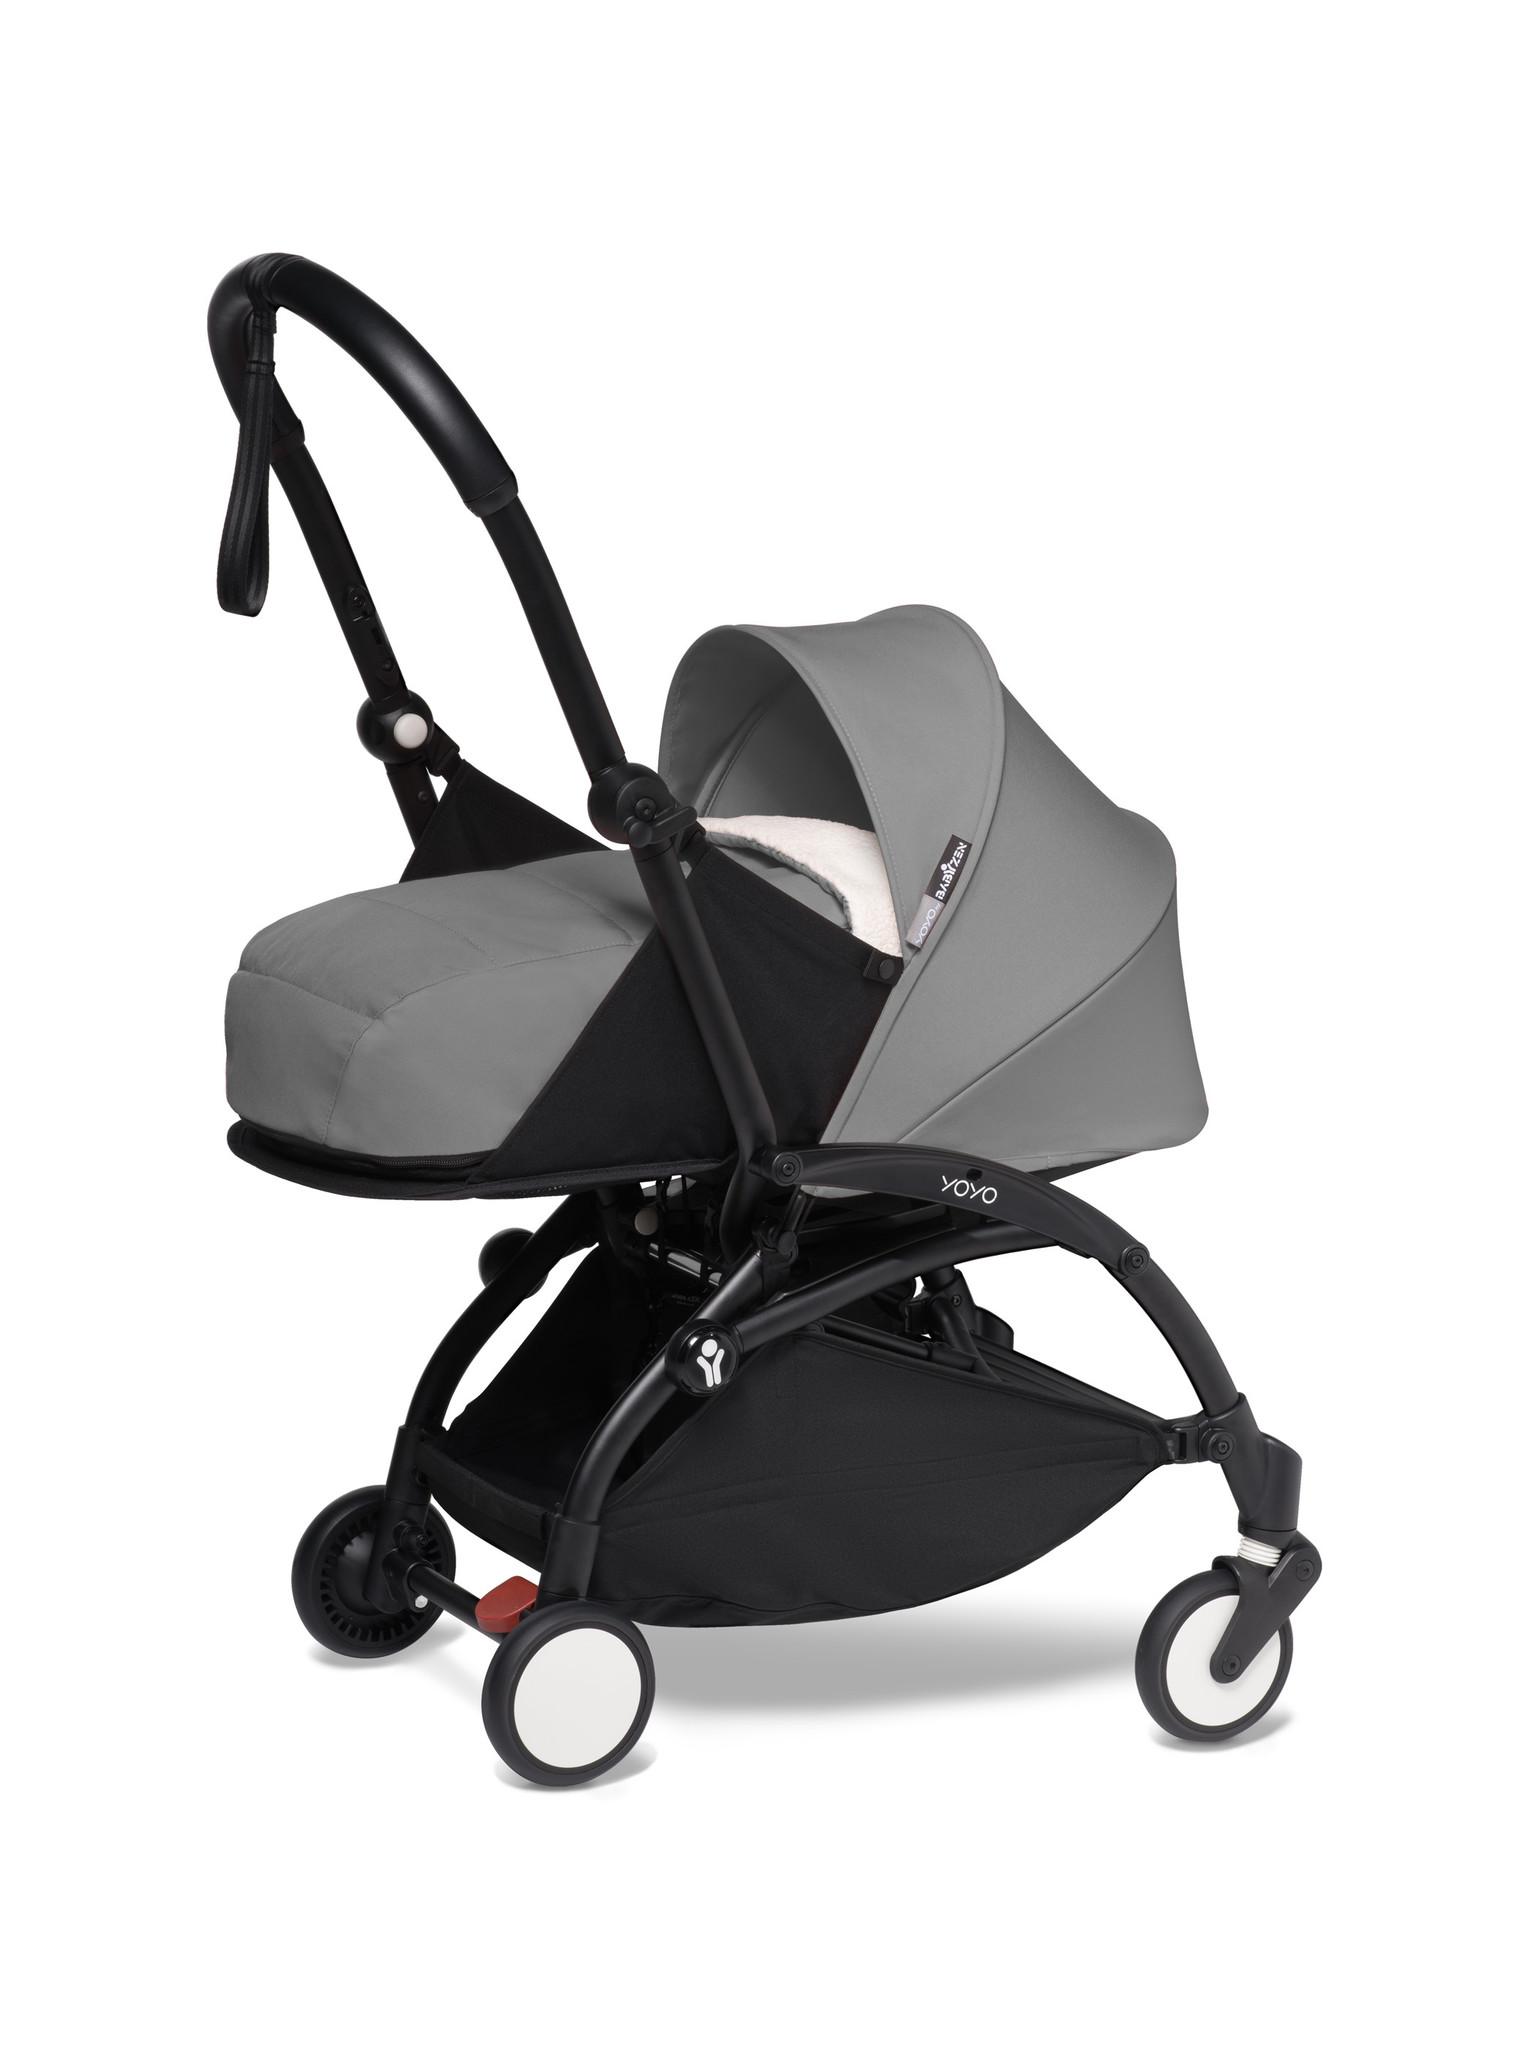 Babyzen Babyzen YOYO² Buggy KOMPLETT / VOLL SET 0+ und 6+ grauer Rahmen schwarz inkl. YOYO² BeSafe Autositz schwarz